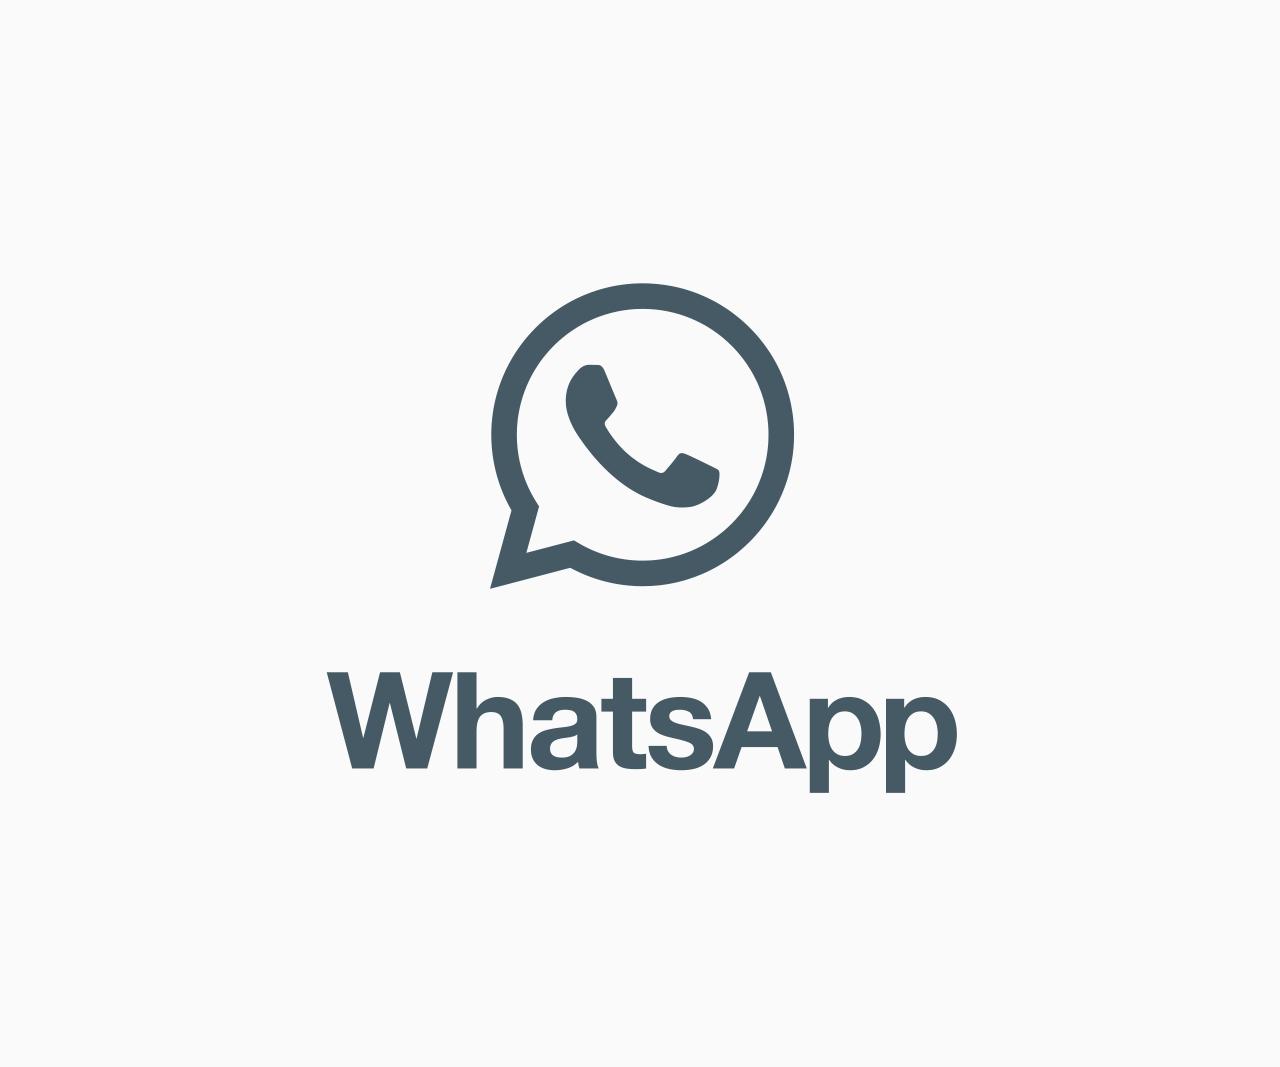 اعمال محدودیت واتس اپ برای ارسال پیام انبوه